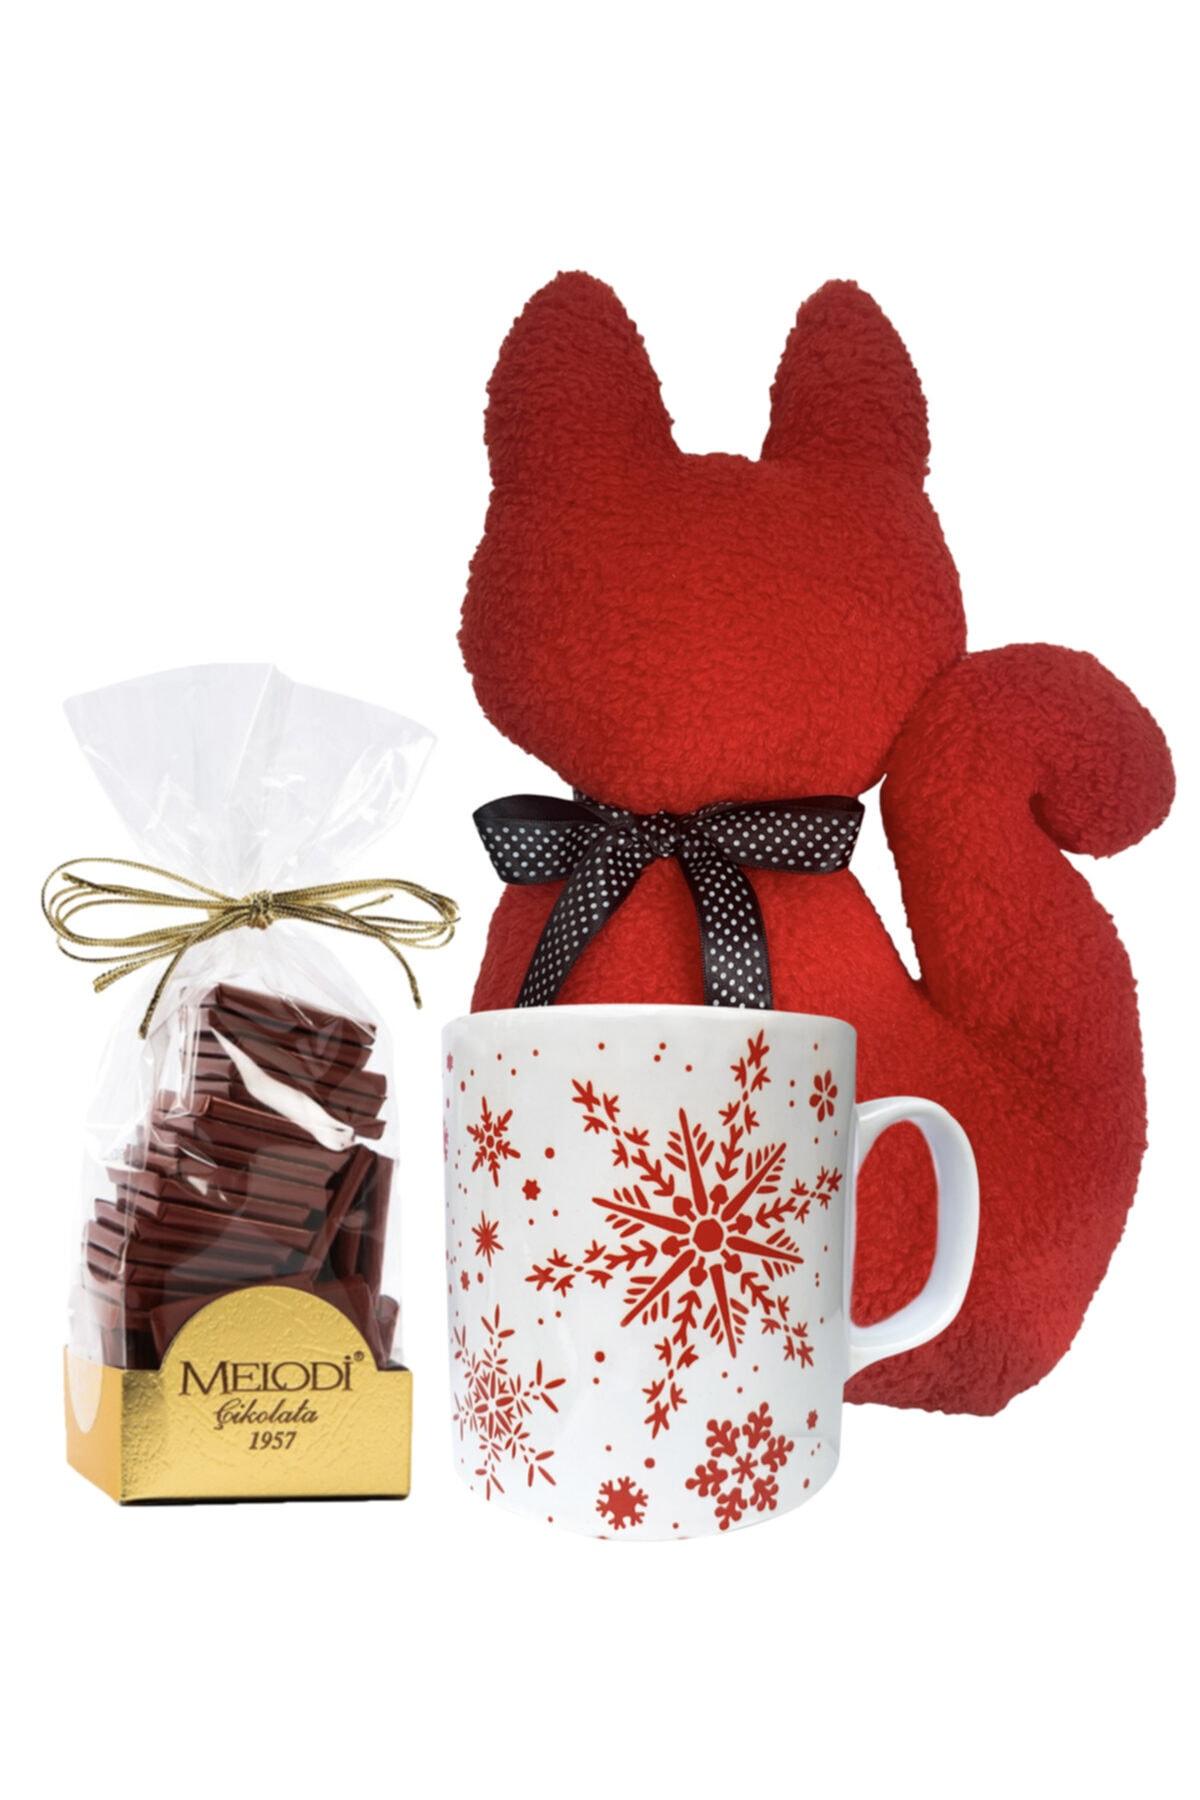 Vuggage Sevgililer Günü Konsept Hediye Seti - Kedi Yastık & Kar Taneli Kupa & Melodi Çikolata - Kırmızı 1